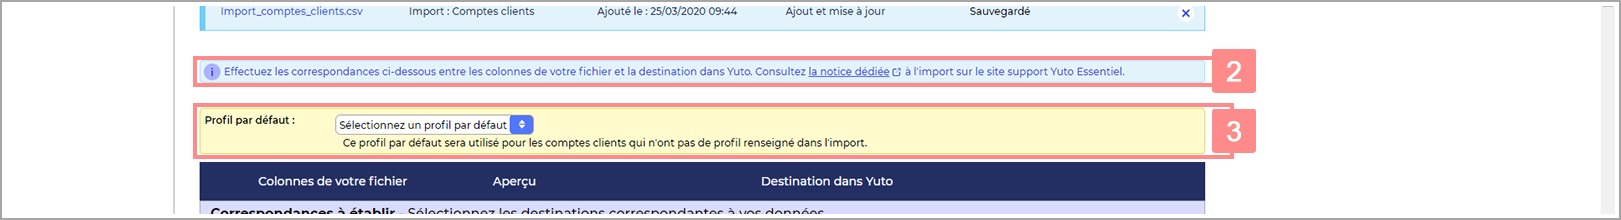 Page de configuration de l'import RiaShop - Notice et choix du profil par défaut